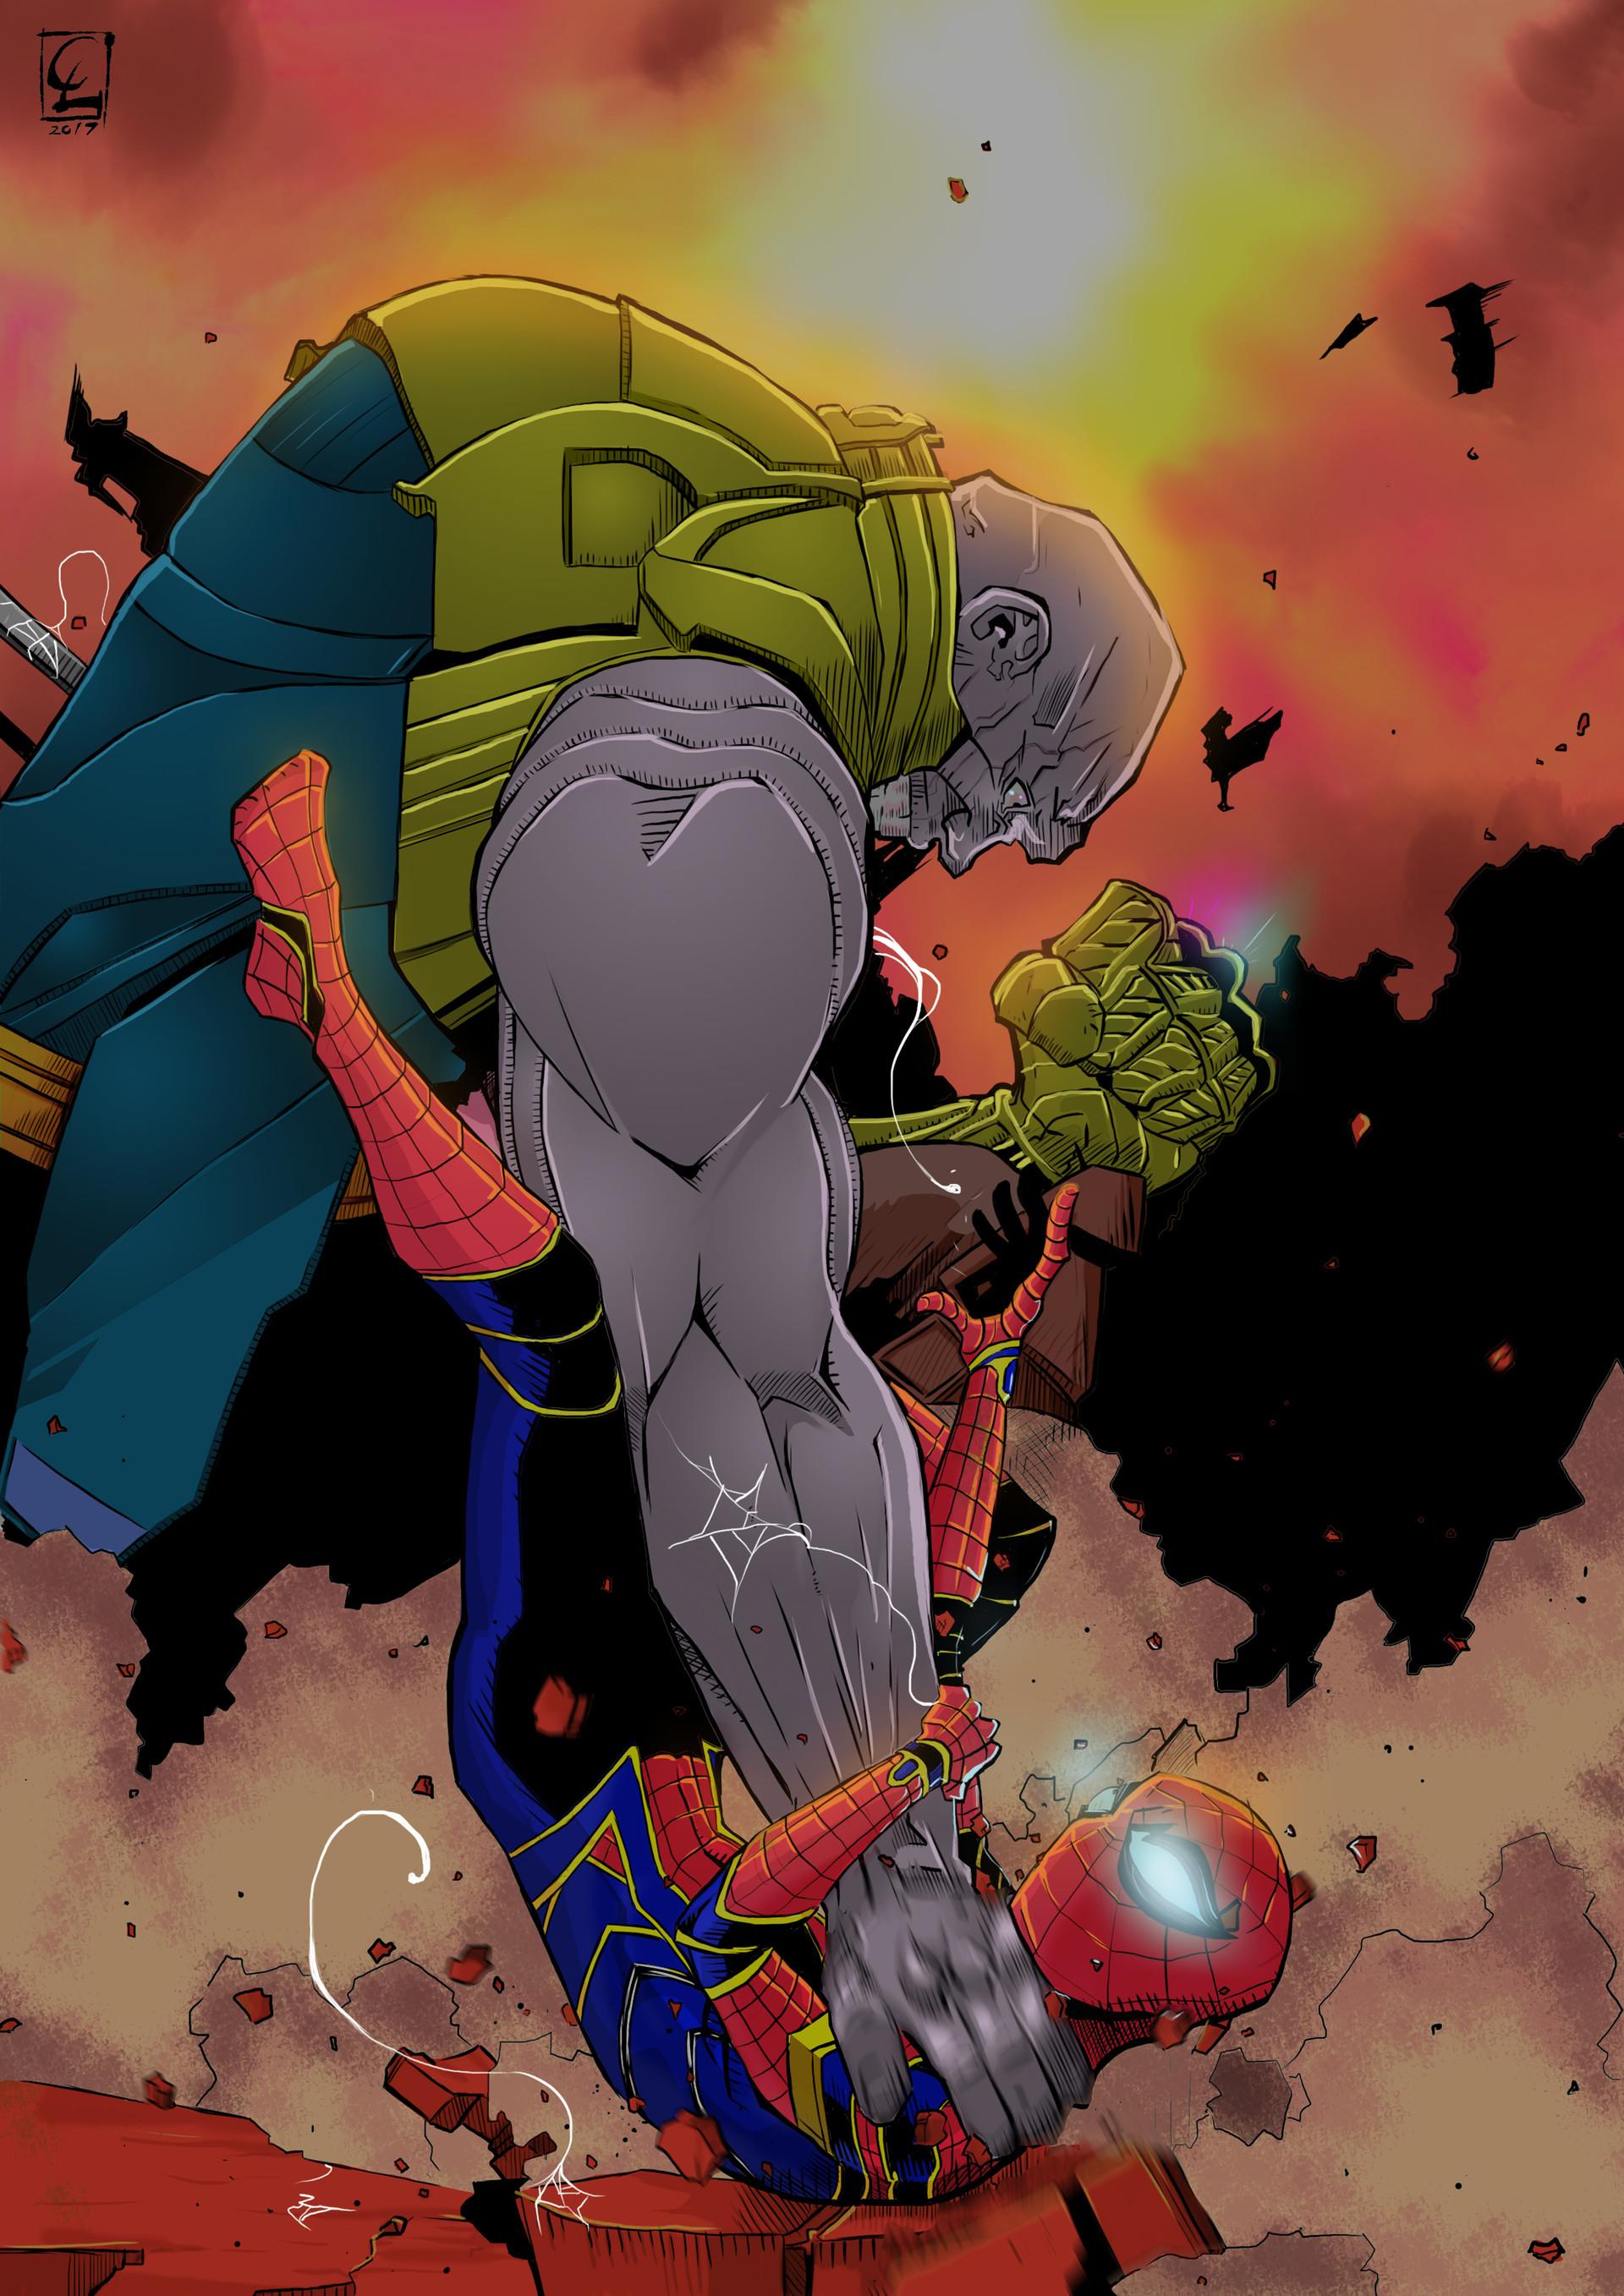 ArtStation - Avengers: Infinity War - Thanos v Spiderman ...